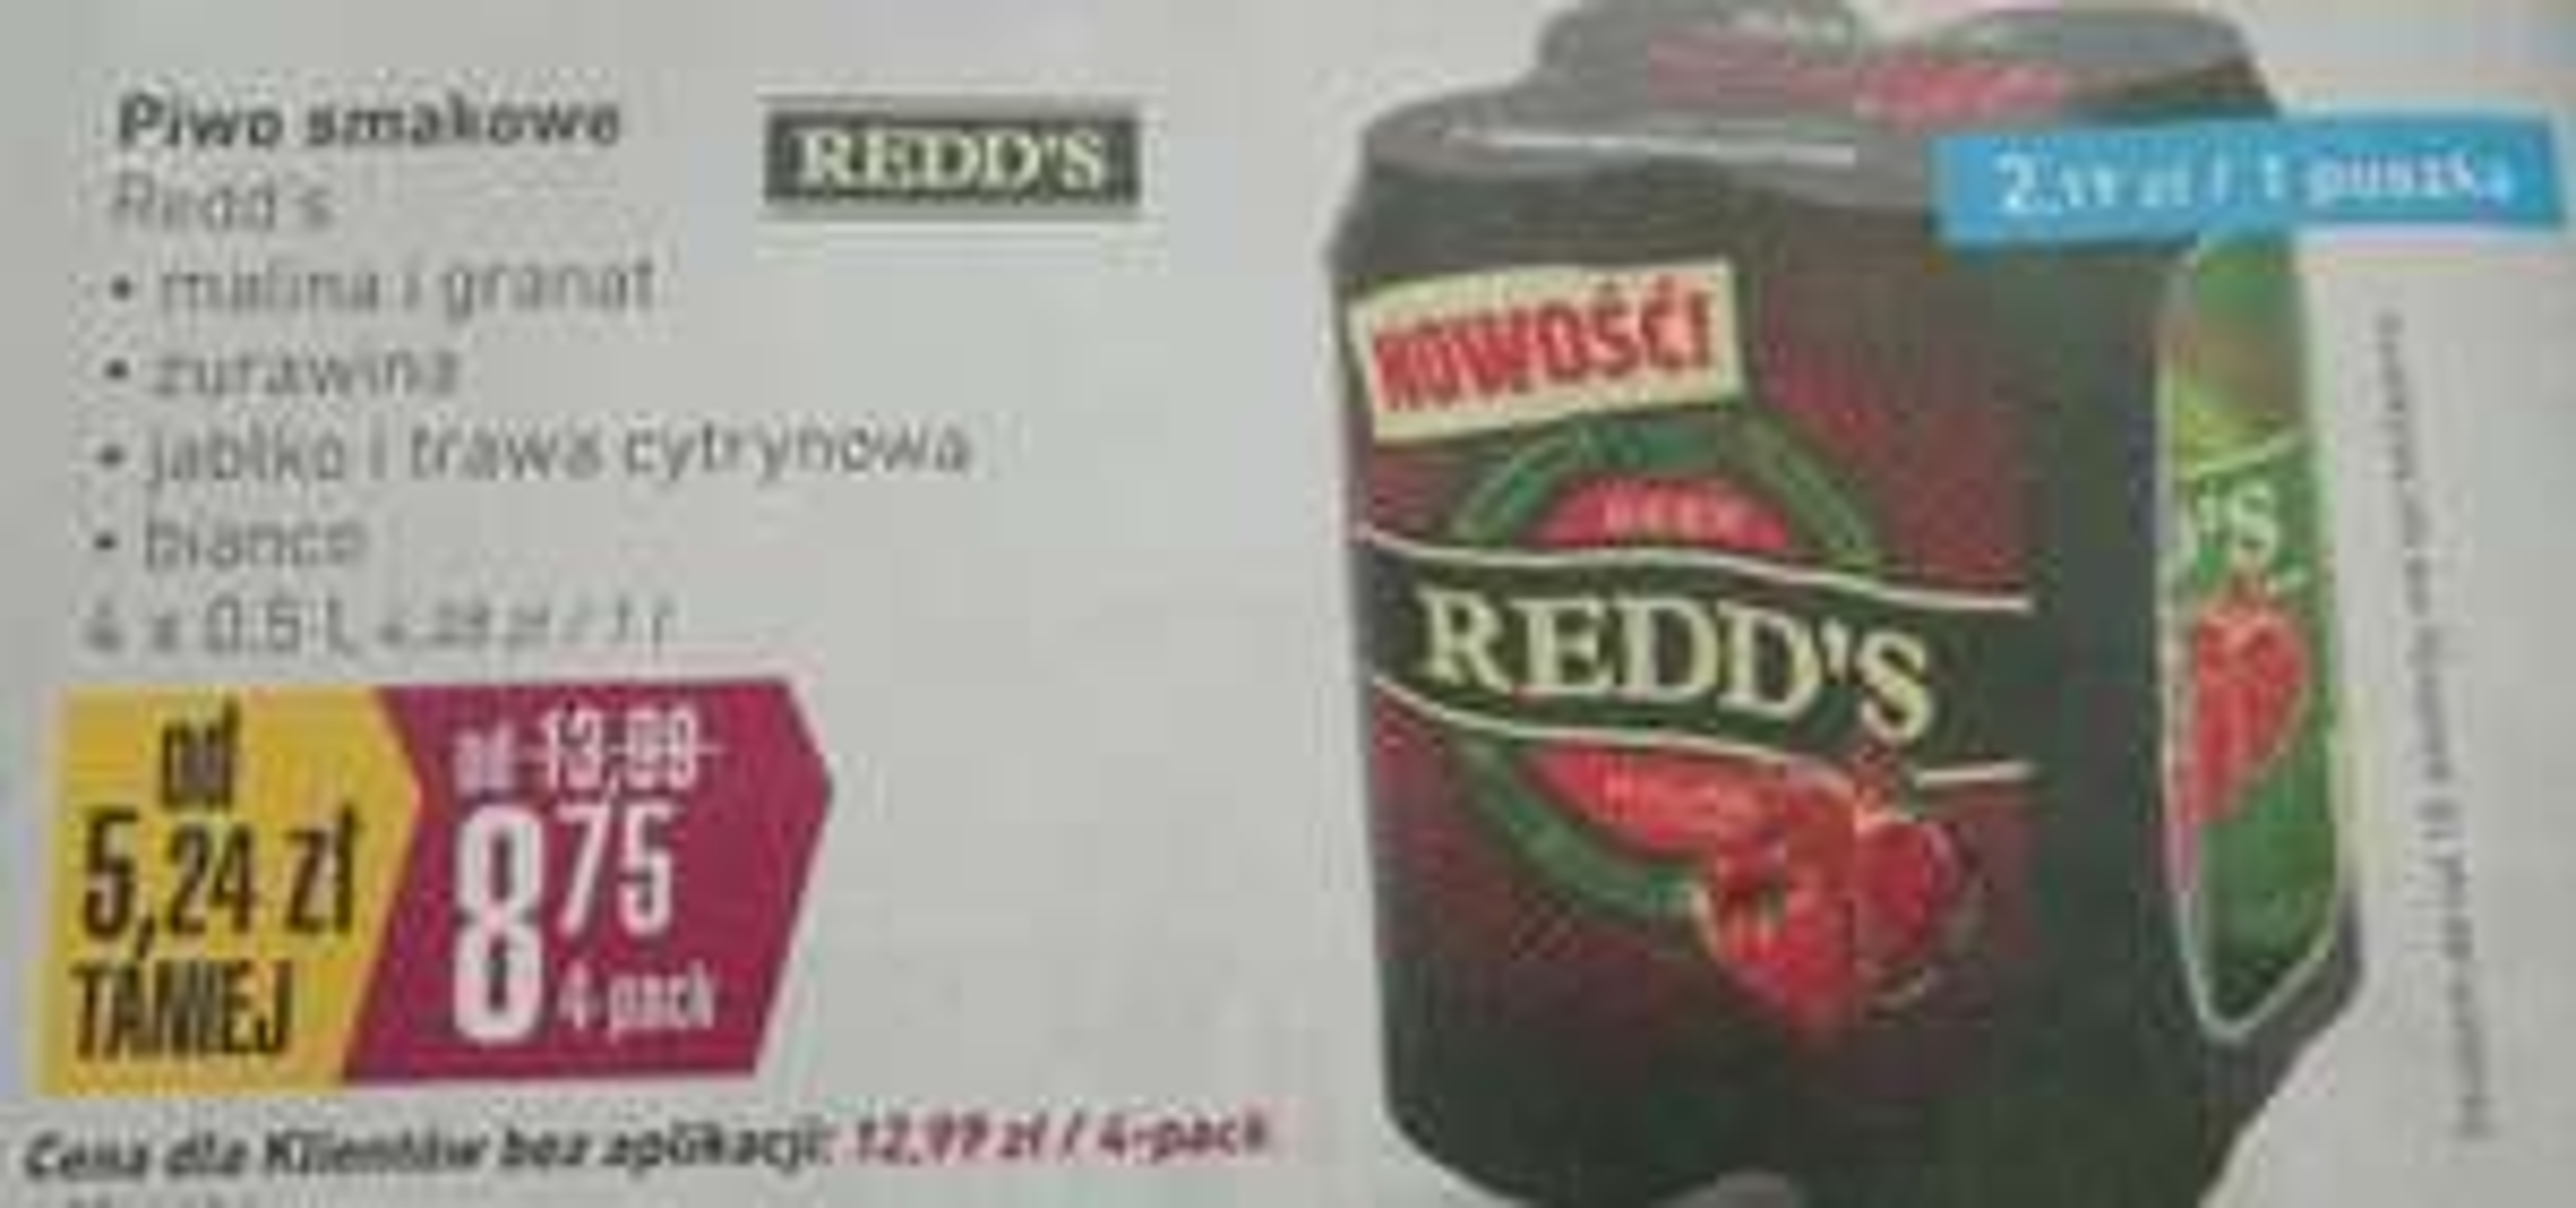 Piwo Redd's w Intermarche 8.75 za 4-pack